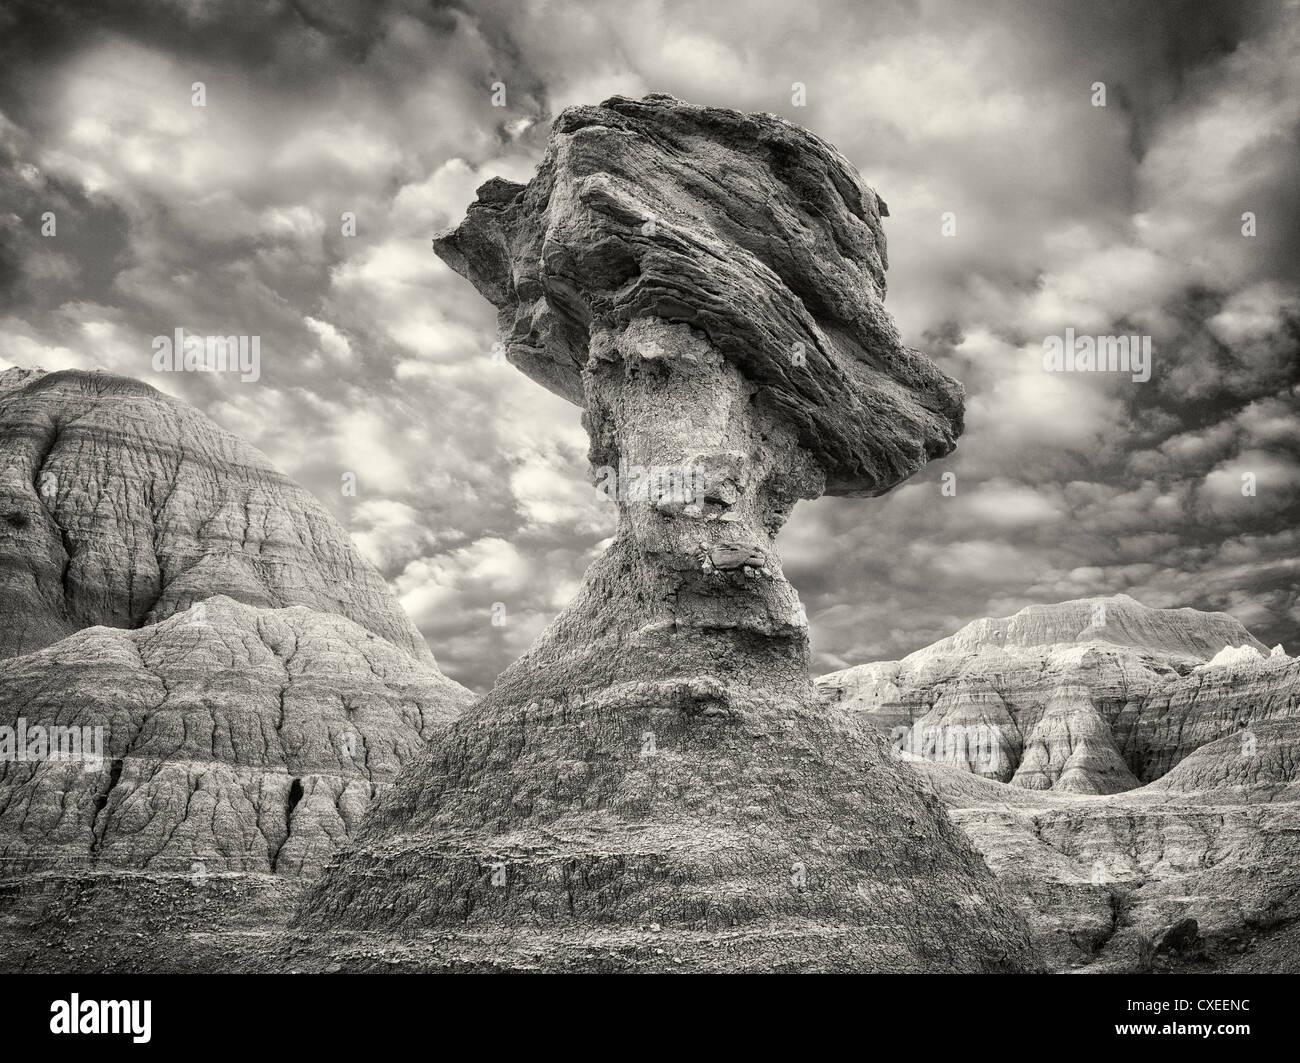 Balancing rock. Badlands National Park. South Dakota - Stock Image